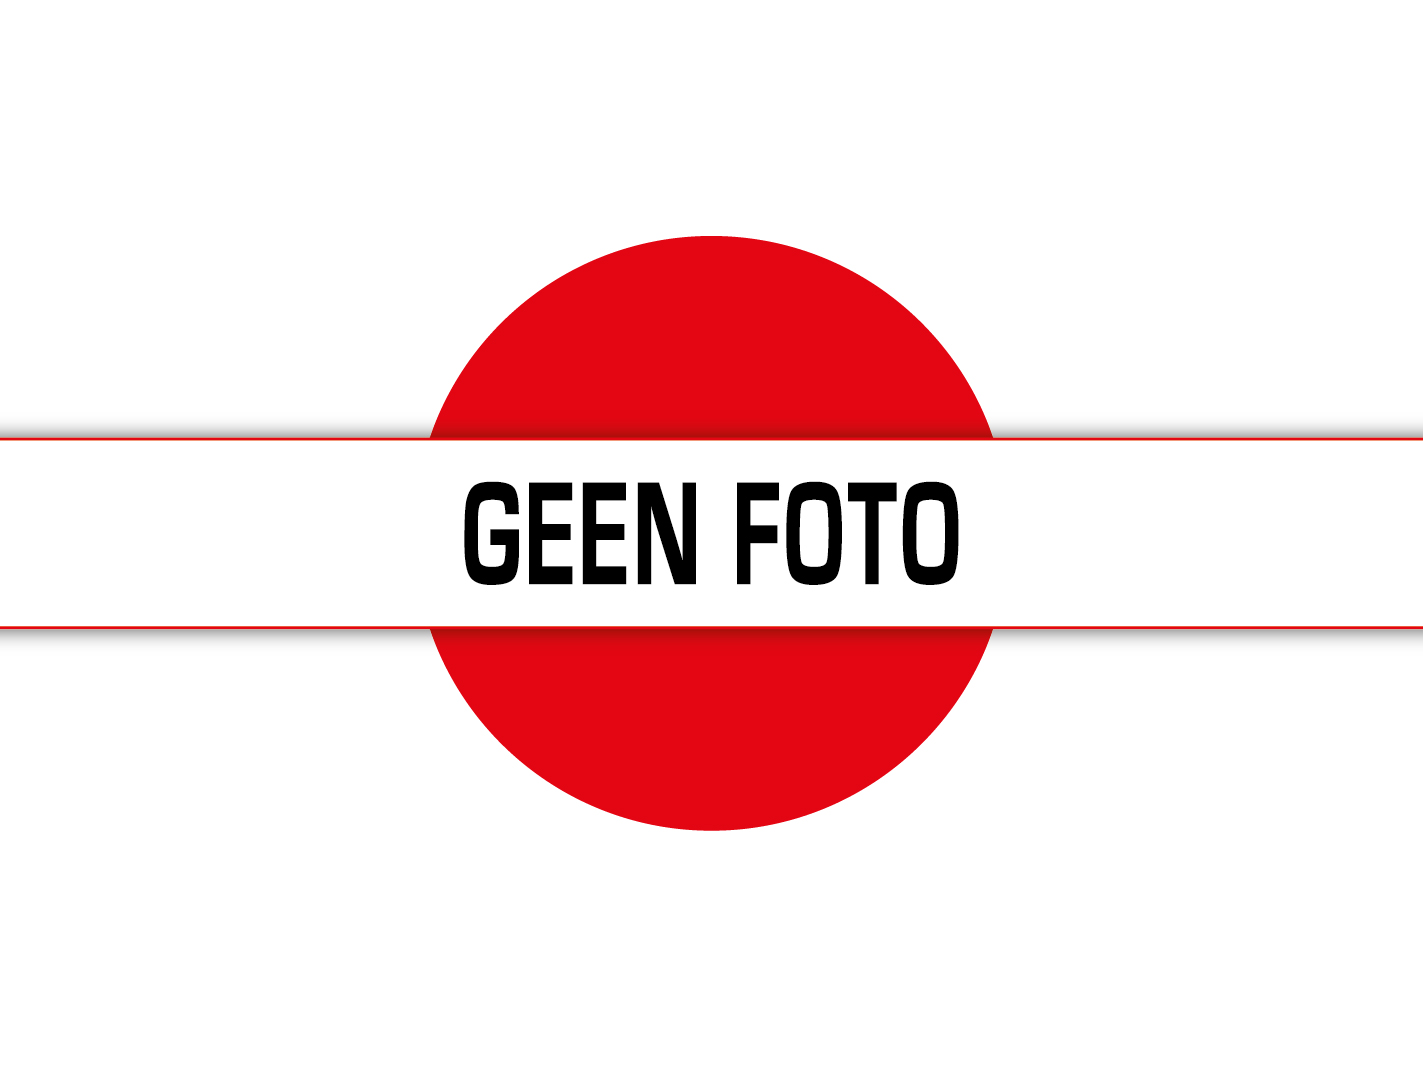 gee foto